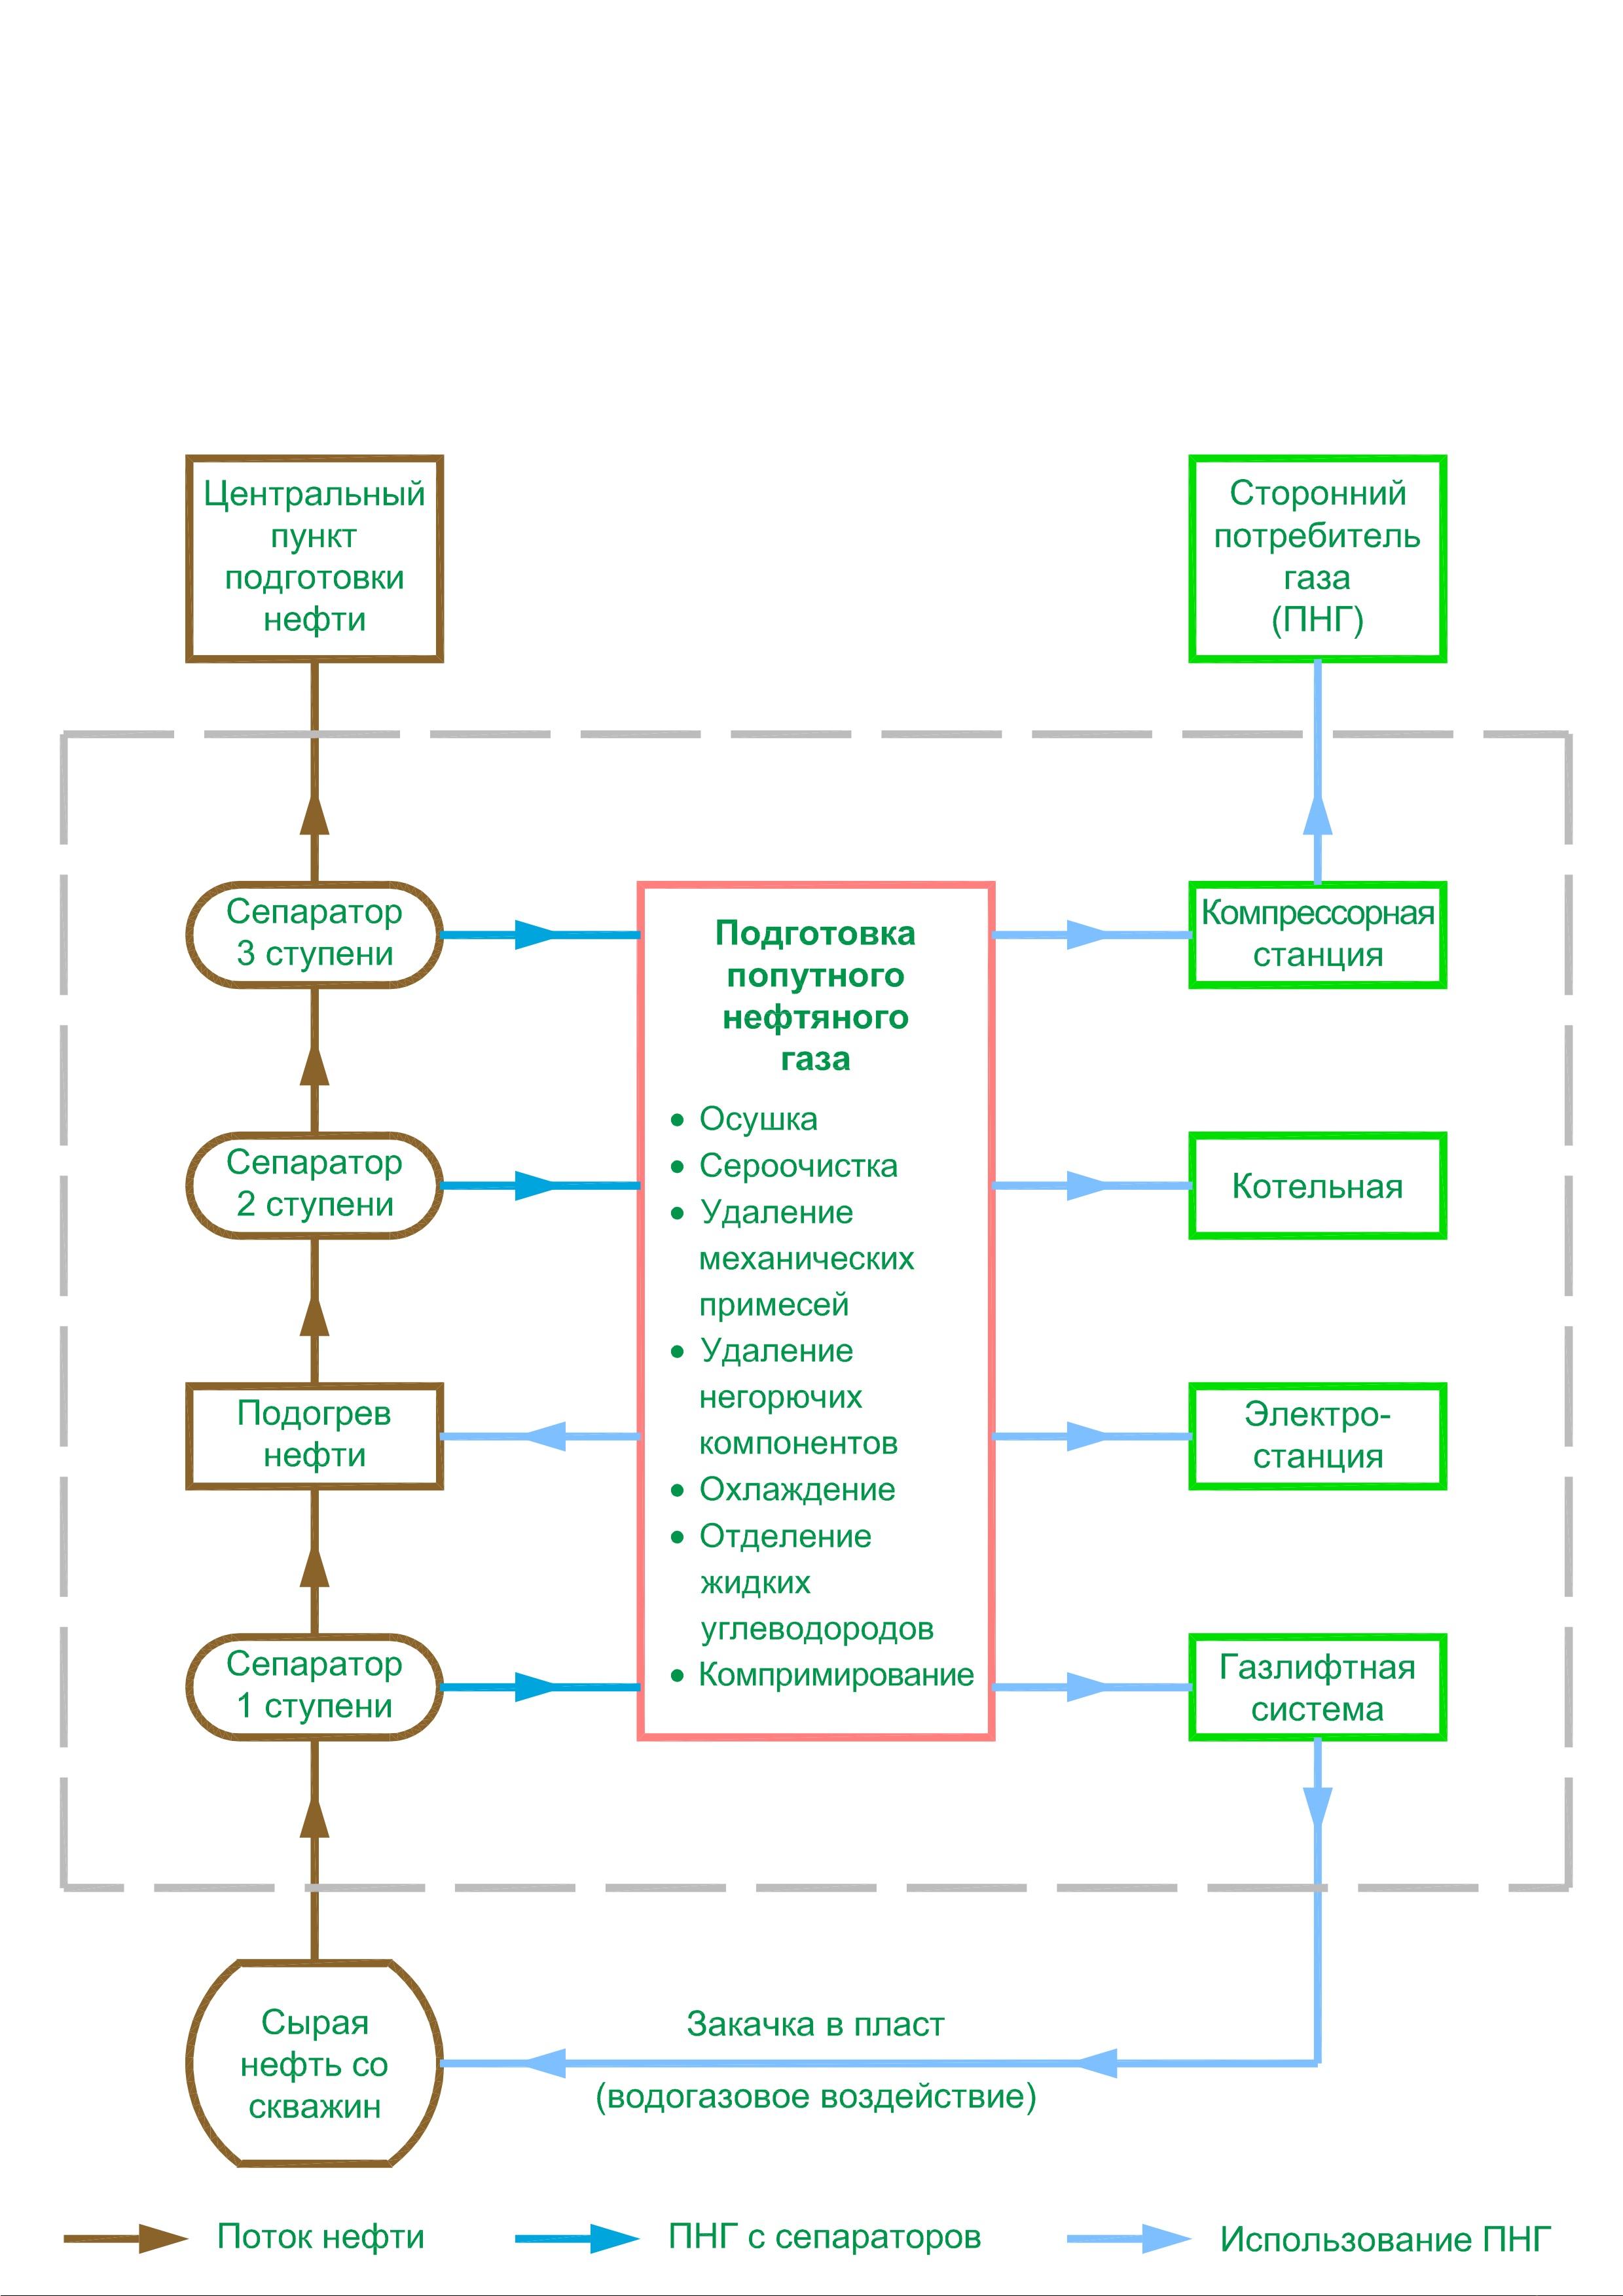 схема установки газливтов